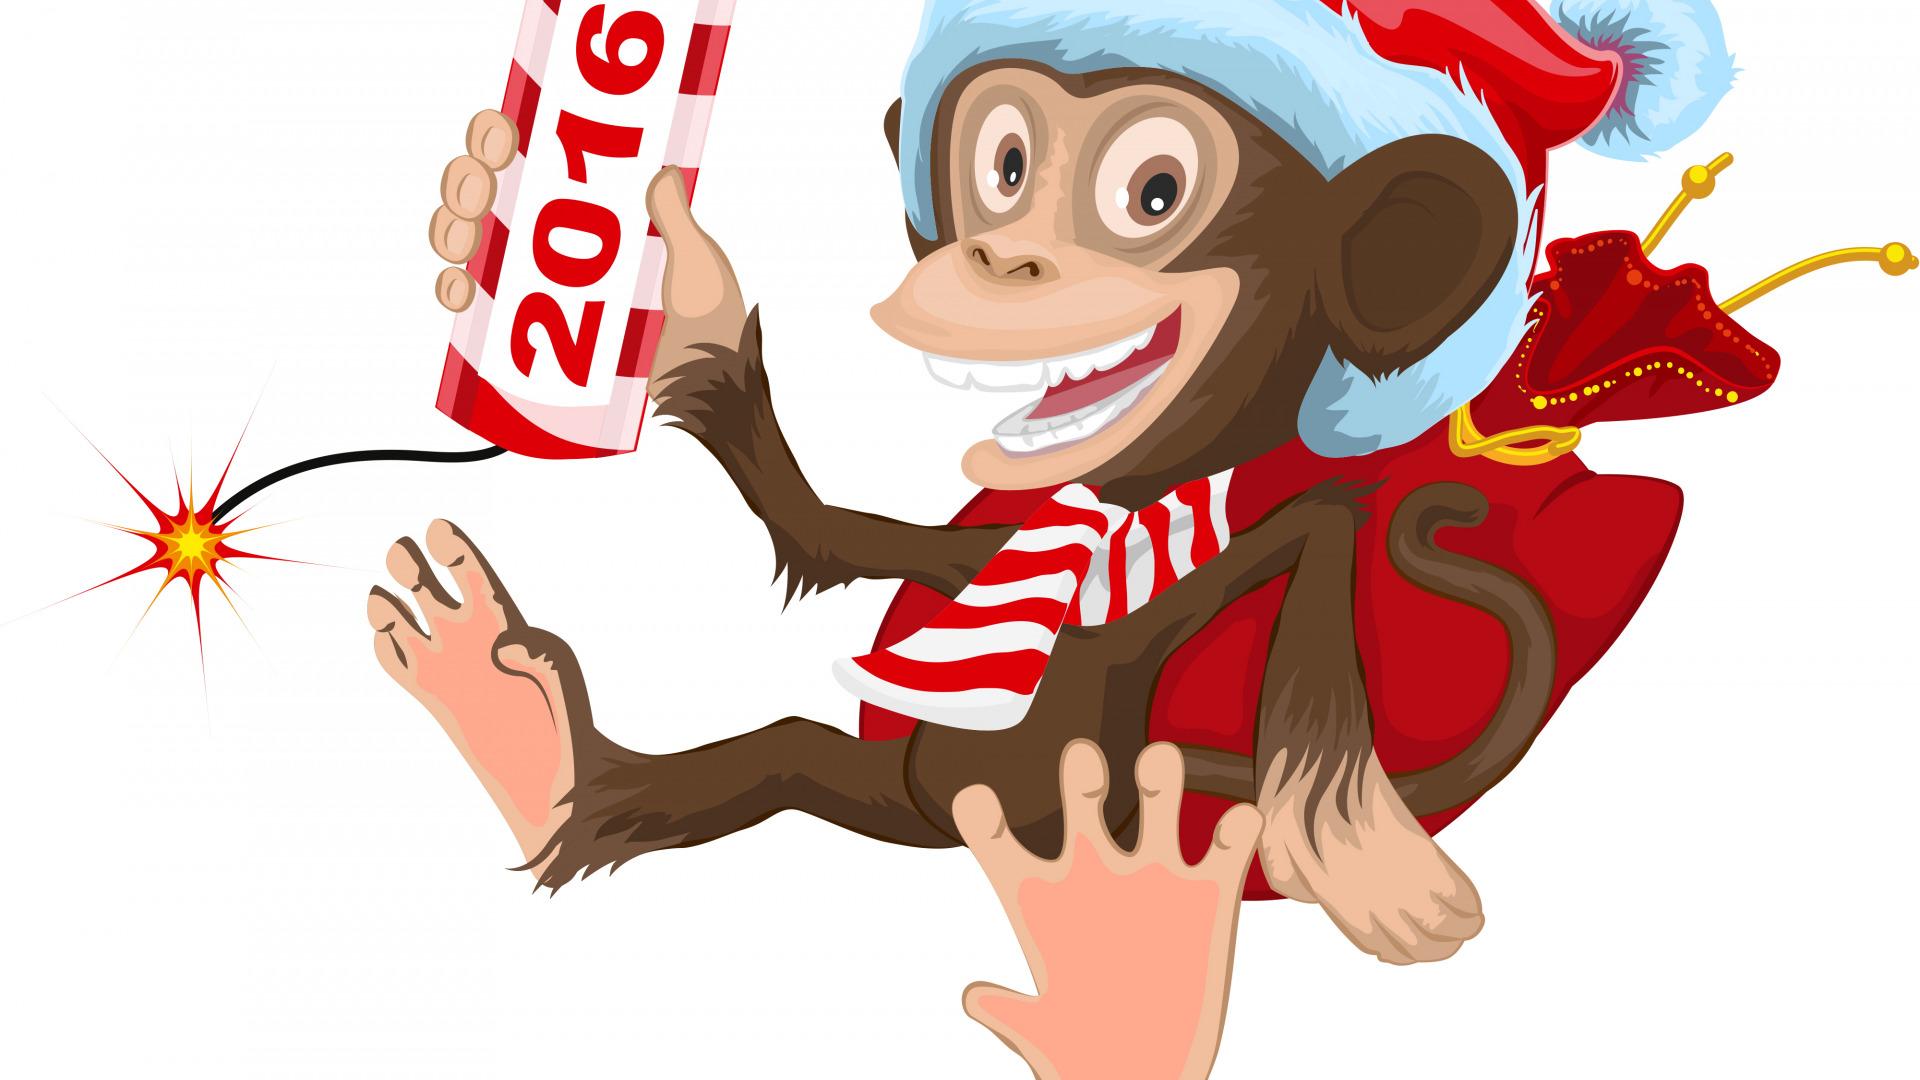 картинки мультяшных обезьянок к новому году позырить пару